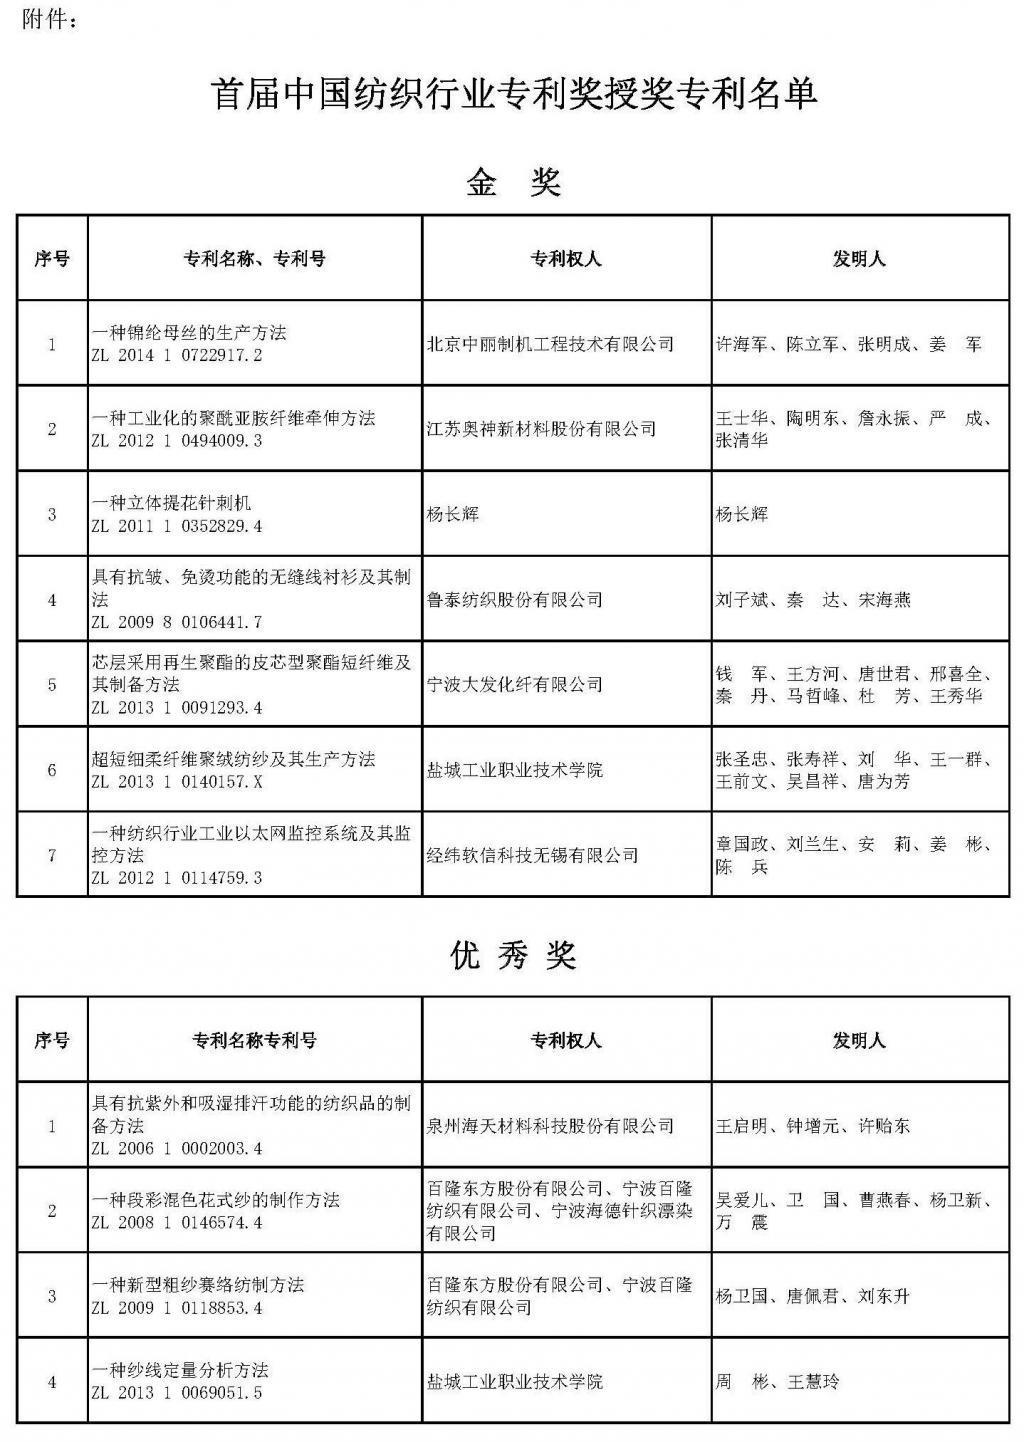 中纺联关于授予首届中国纺织行业专利奖的决定